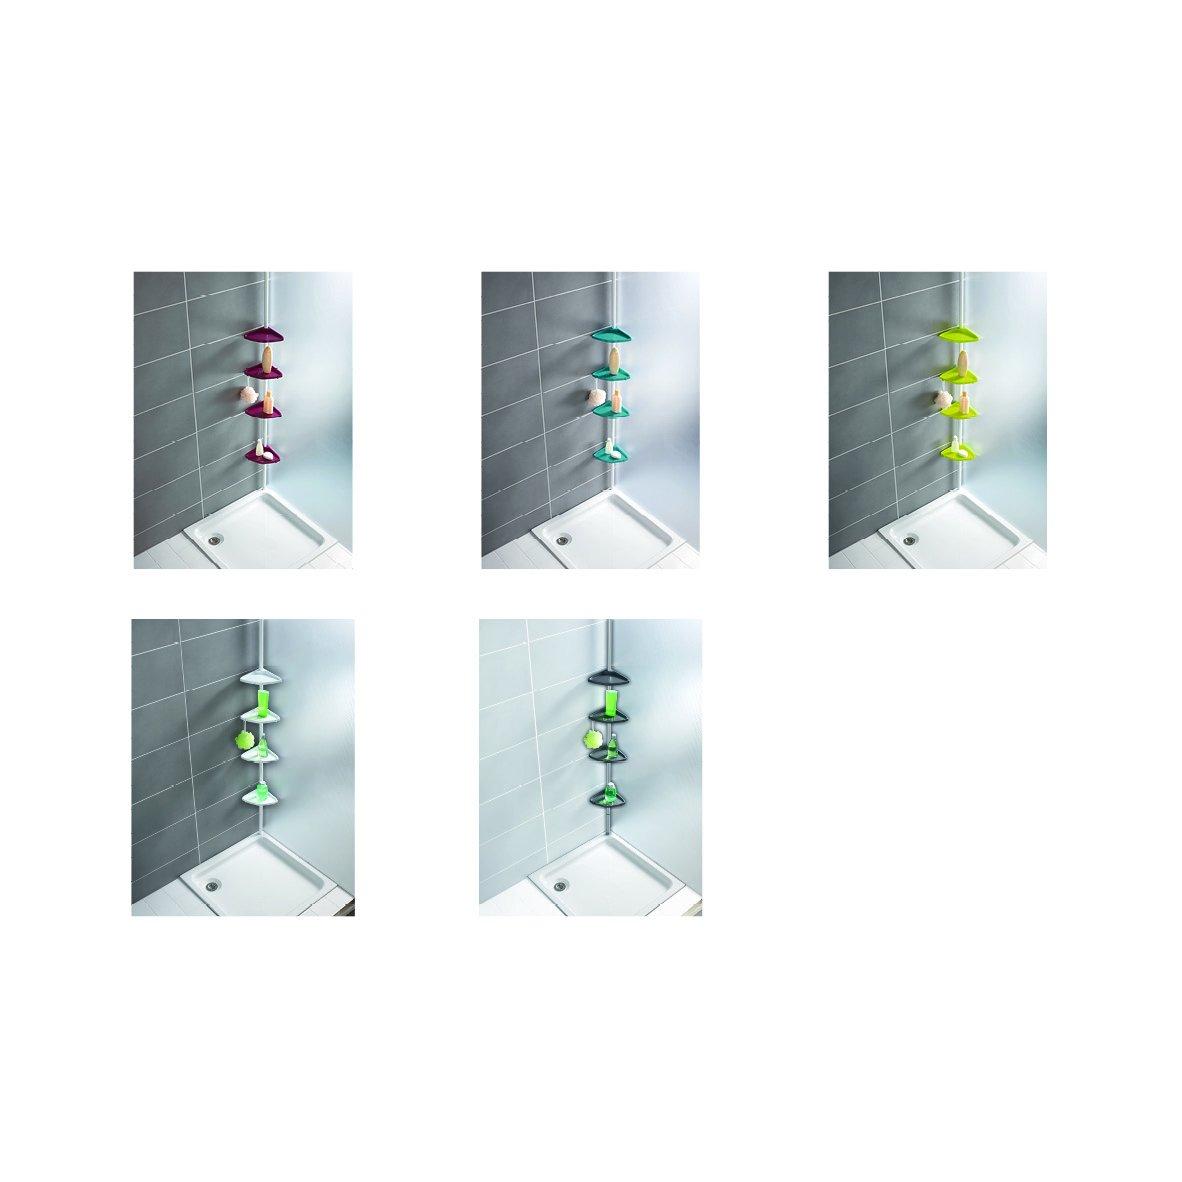 Wenko 3201824100 Rinconera para Ducha telescópica Compact Plata - 4 repisas, Aluminio, 26 x 78-275 x 19.5 cm, Plata